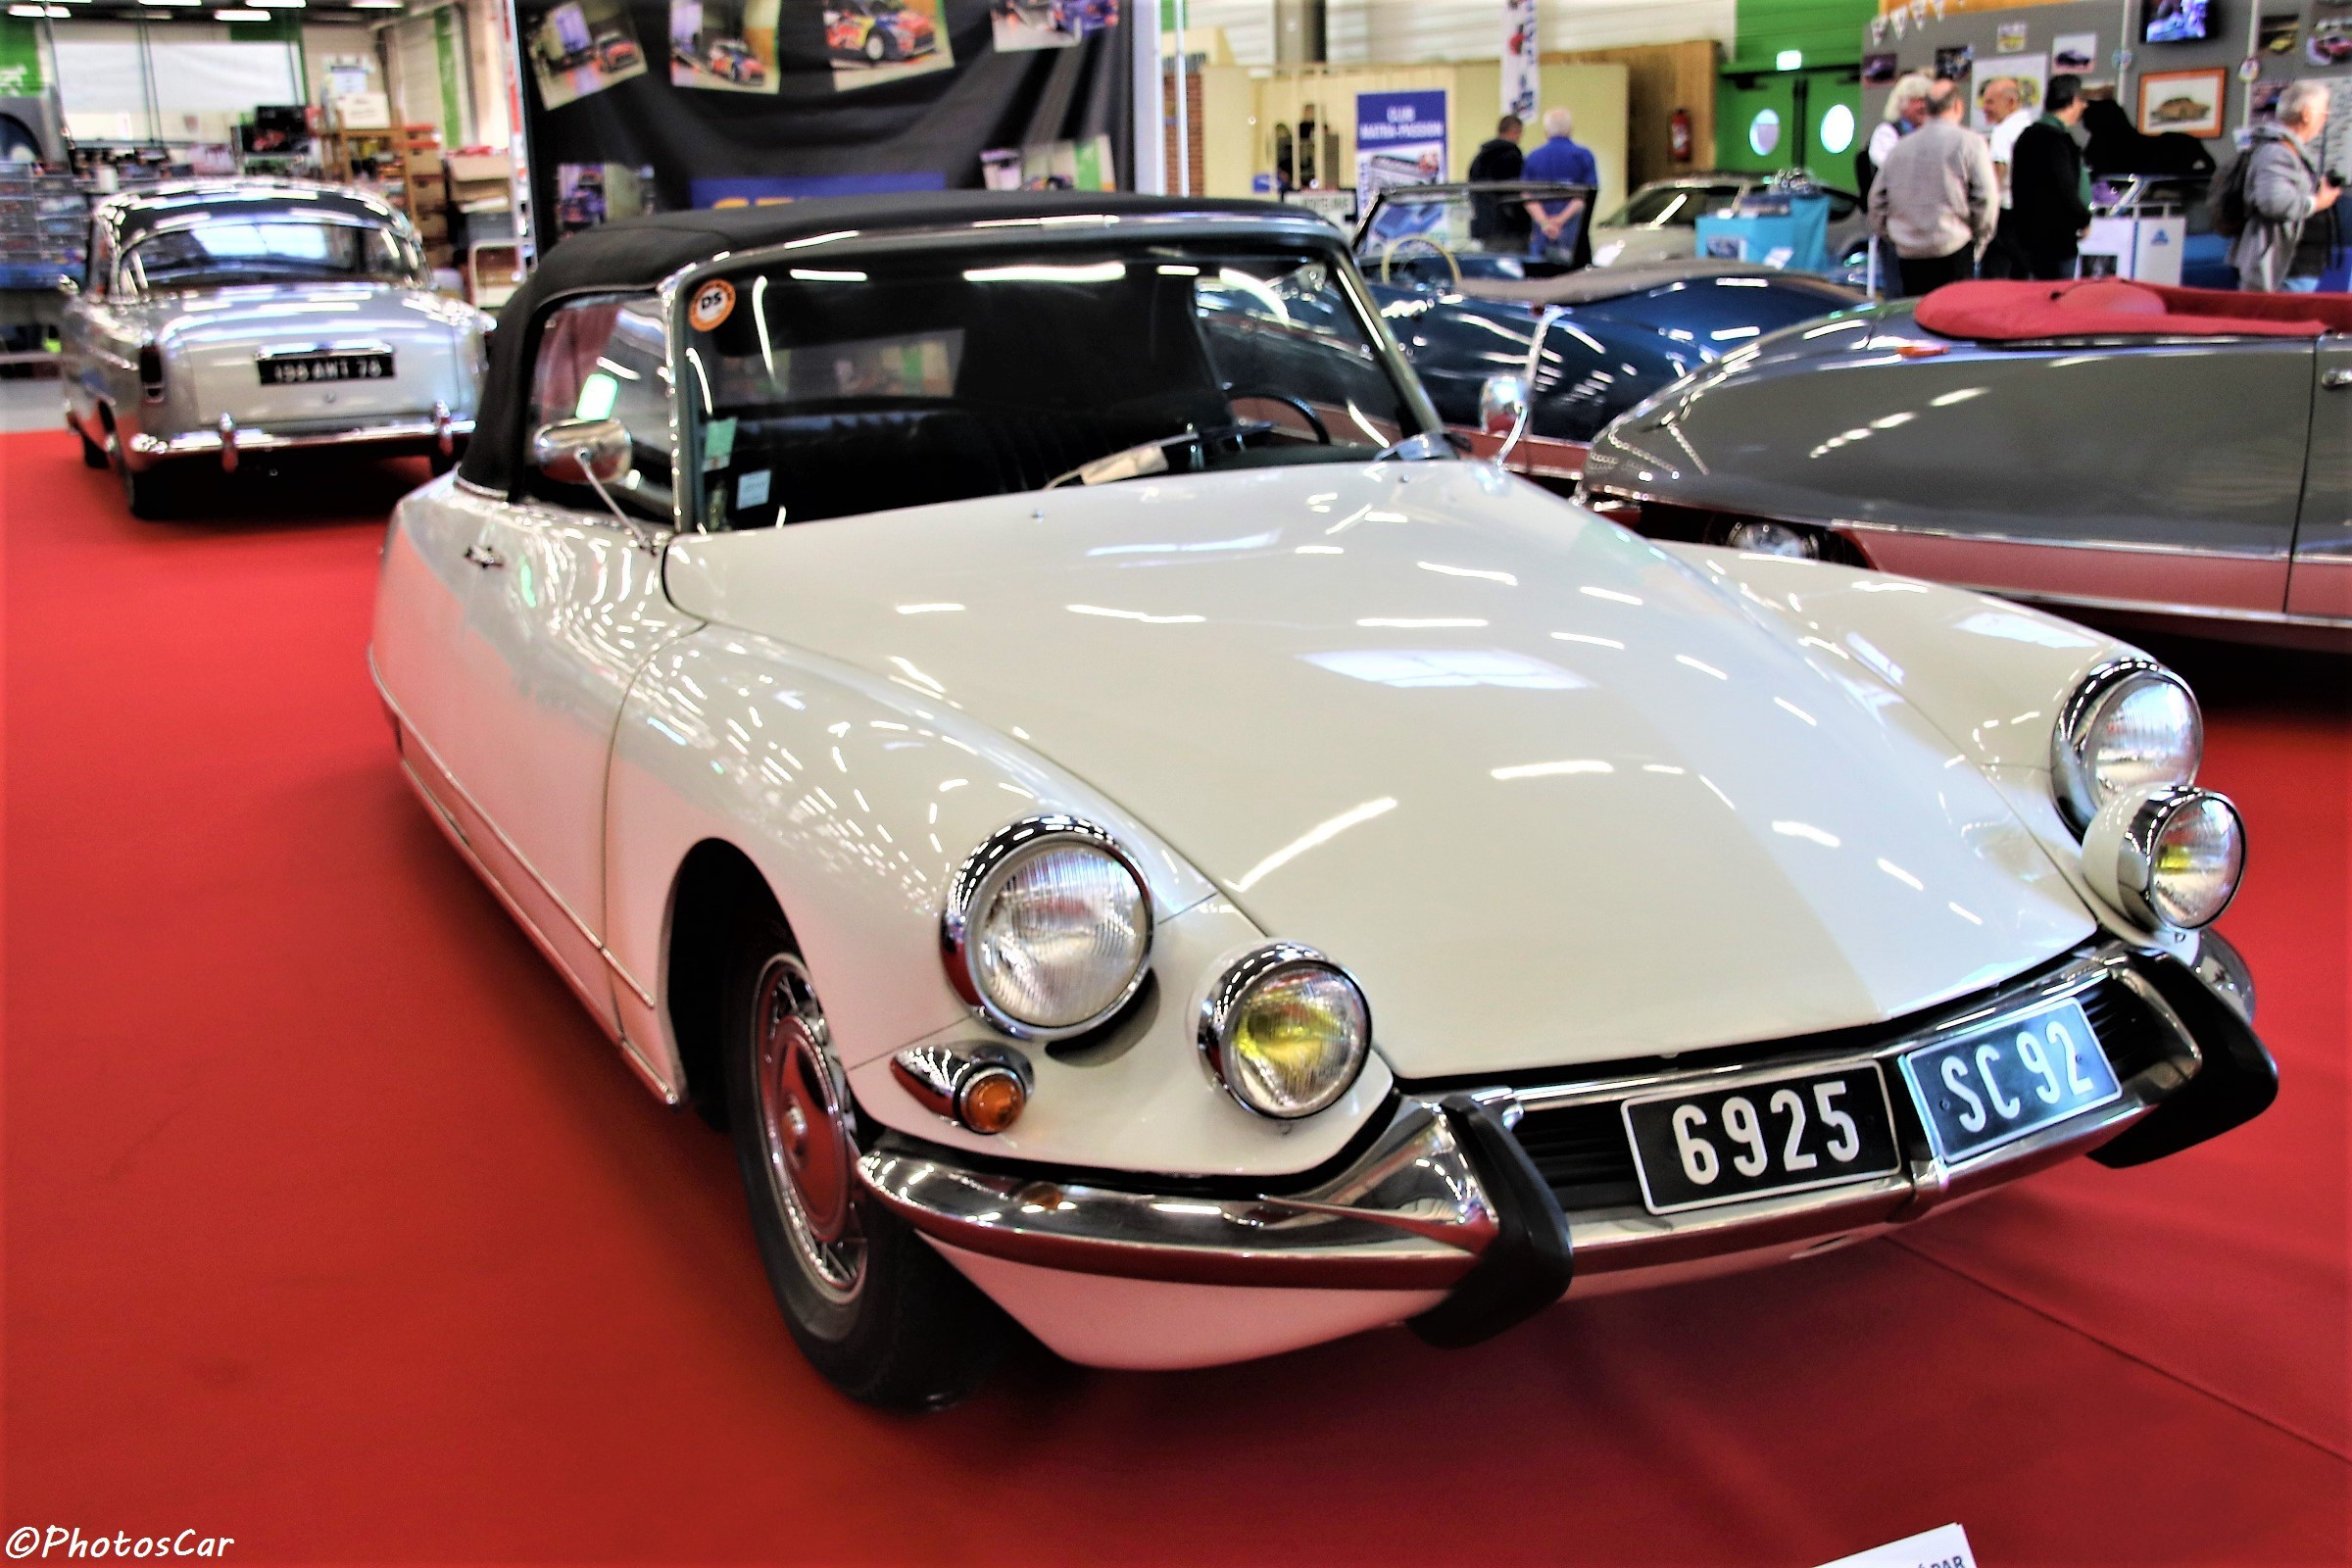 Citroen DS Cabriolet La Croisette 1960 - Automédon